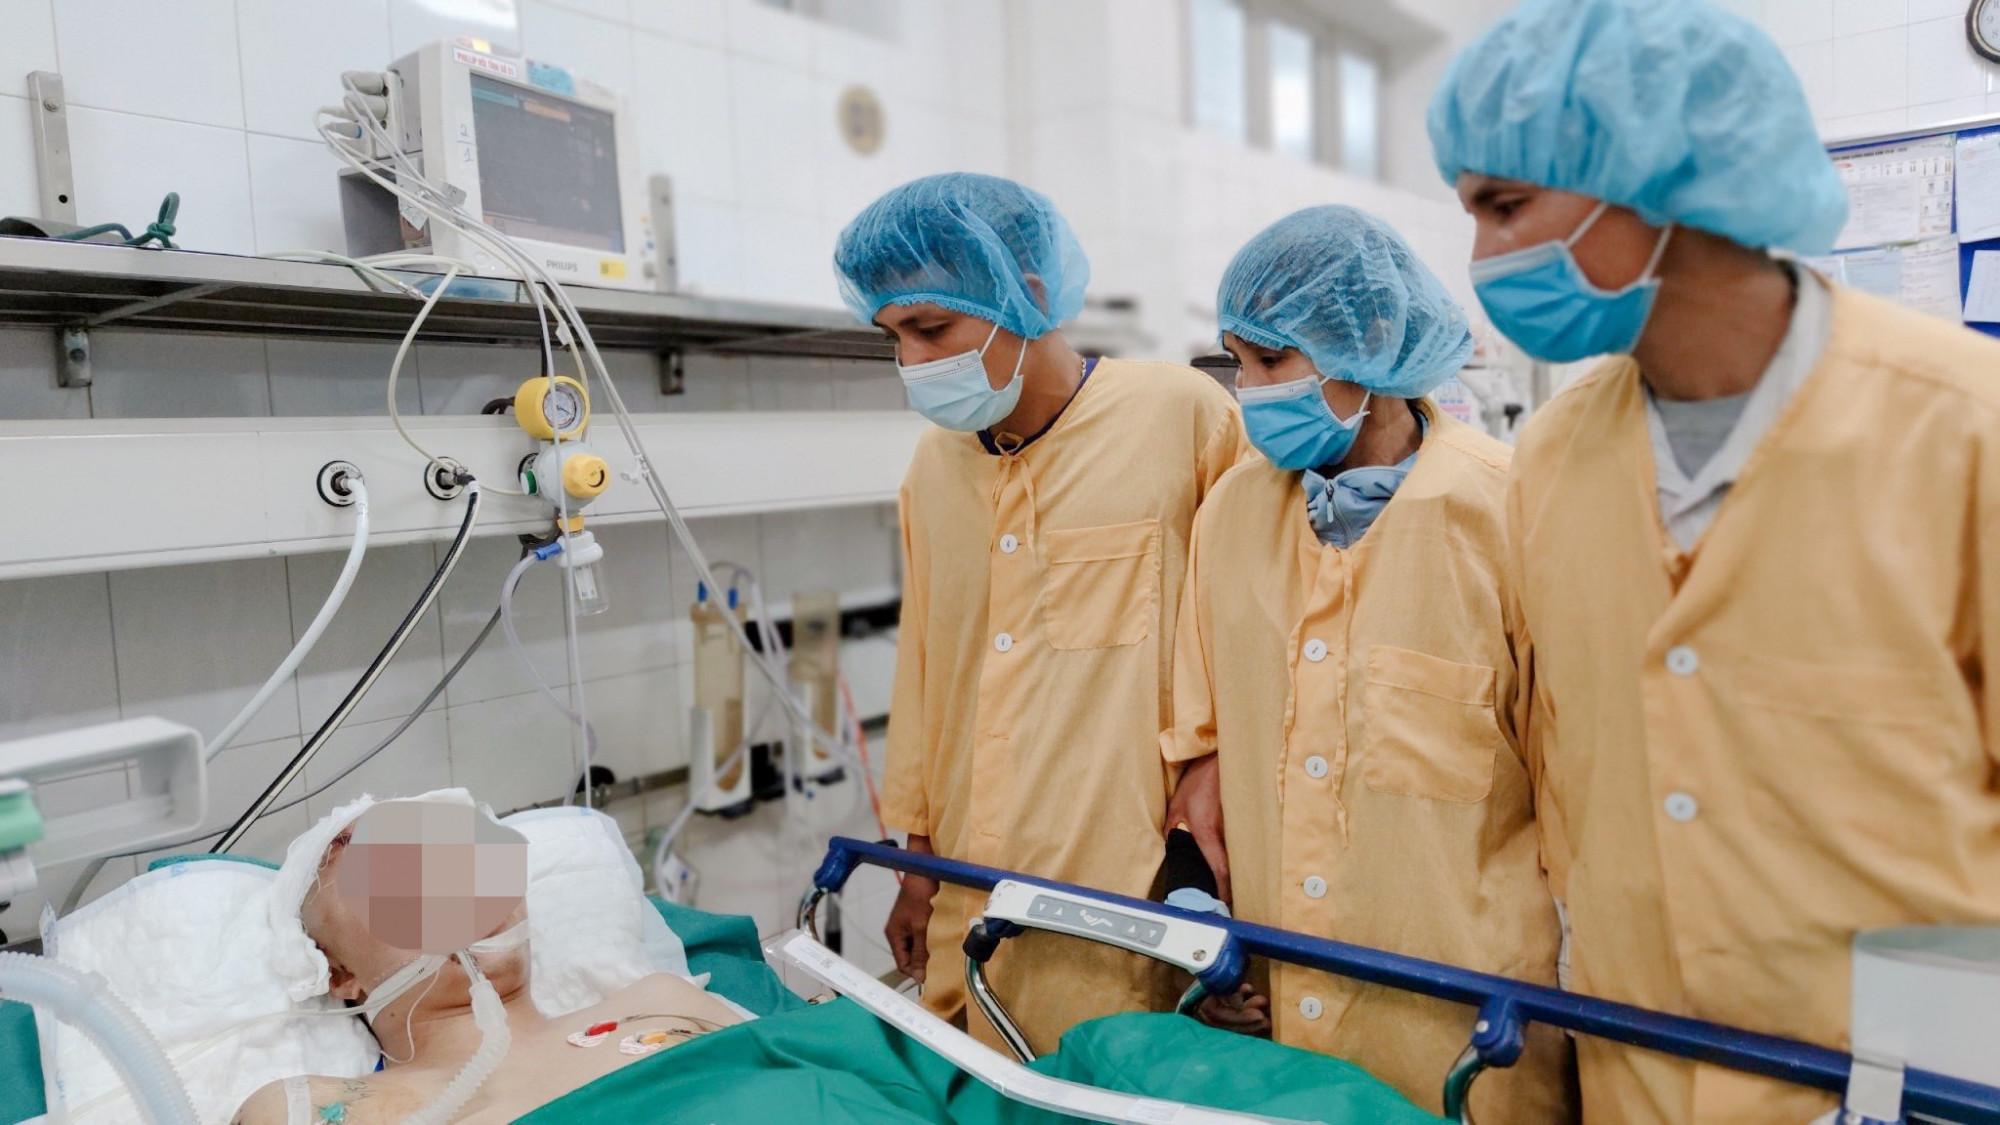 Bố mẹ và chú ruột luôn bên cạnh T. trong quá trình điều trị tại Bệnh viện Việt Đức.